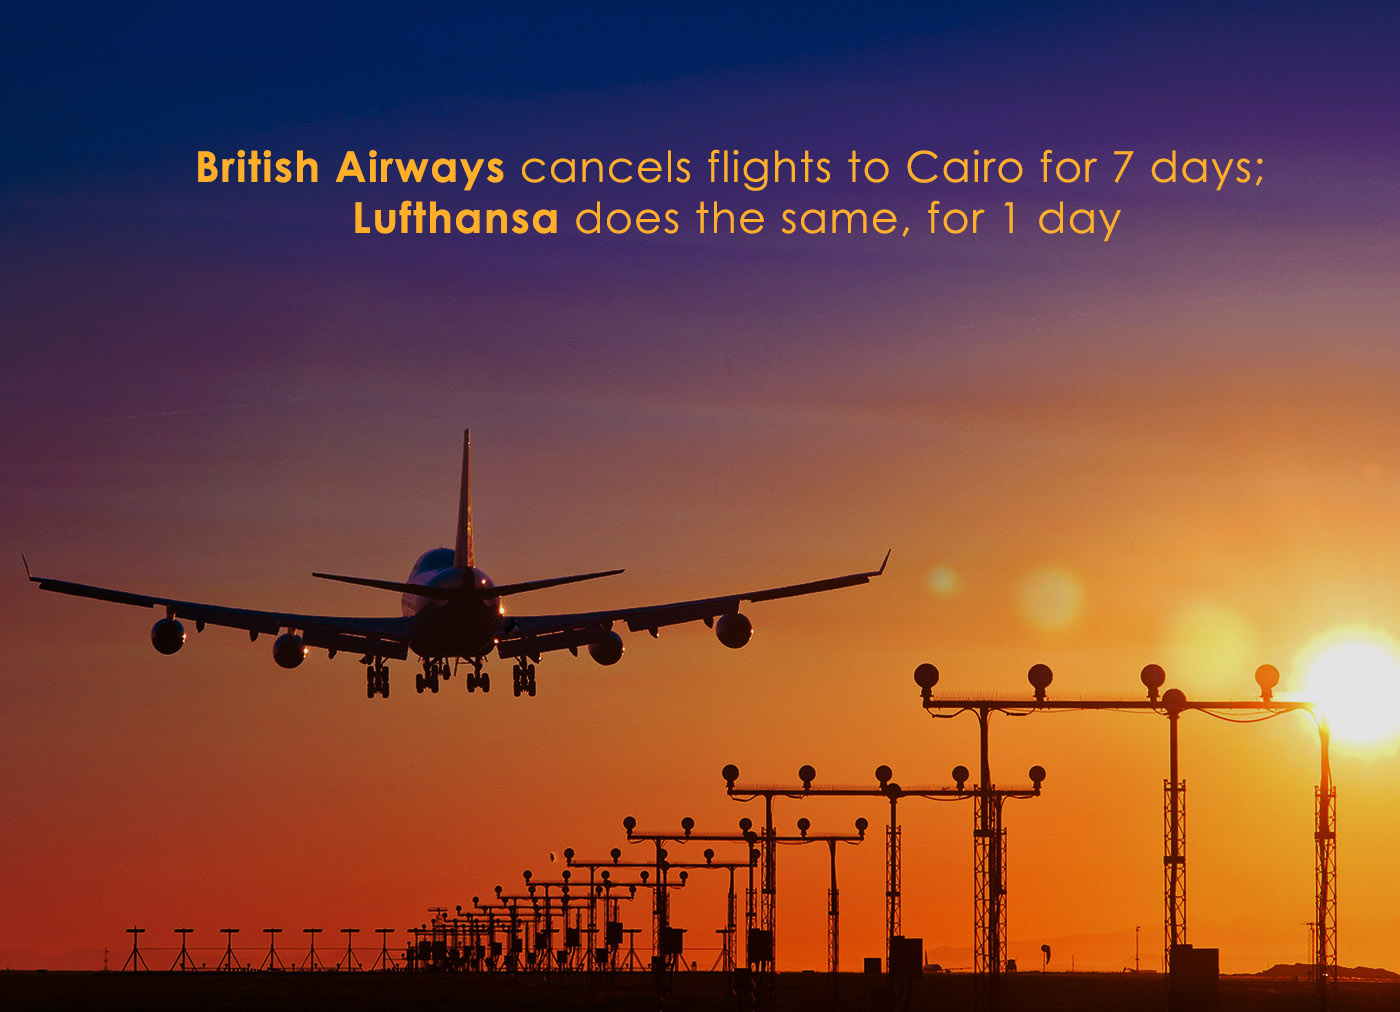 Lufthansa and British Airways Suspended Their Flights towards Cairo